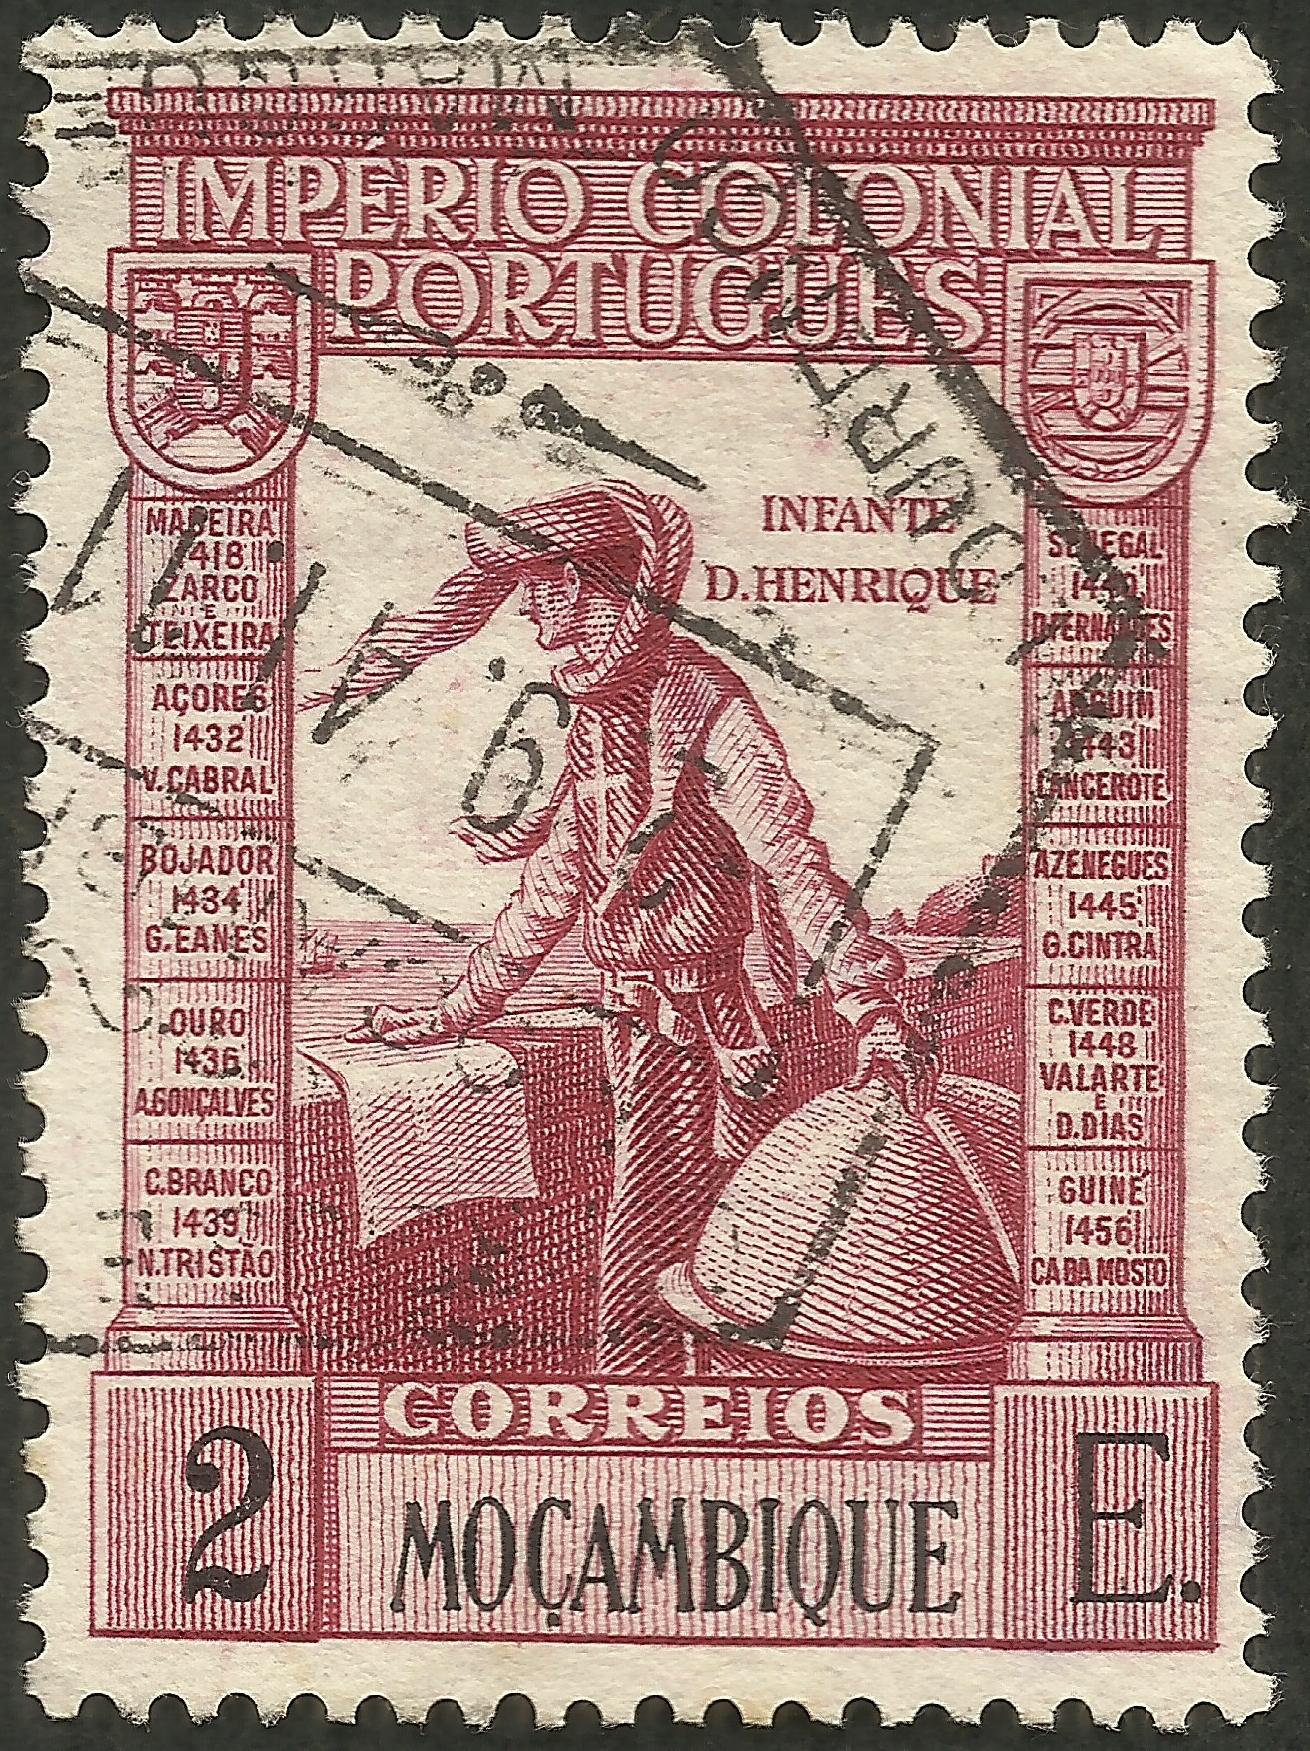 Mozambique #284 (1938)